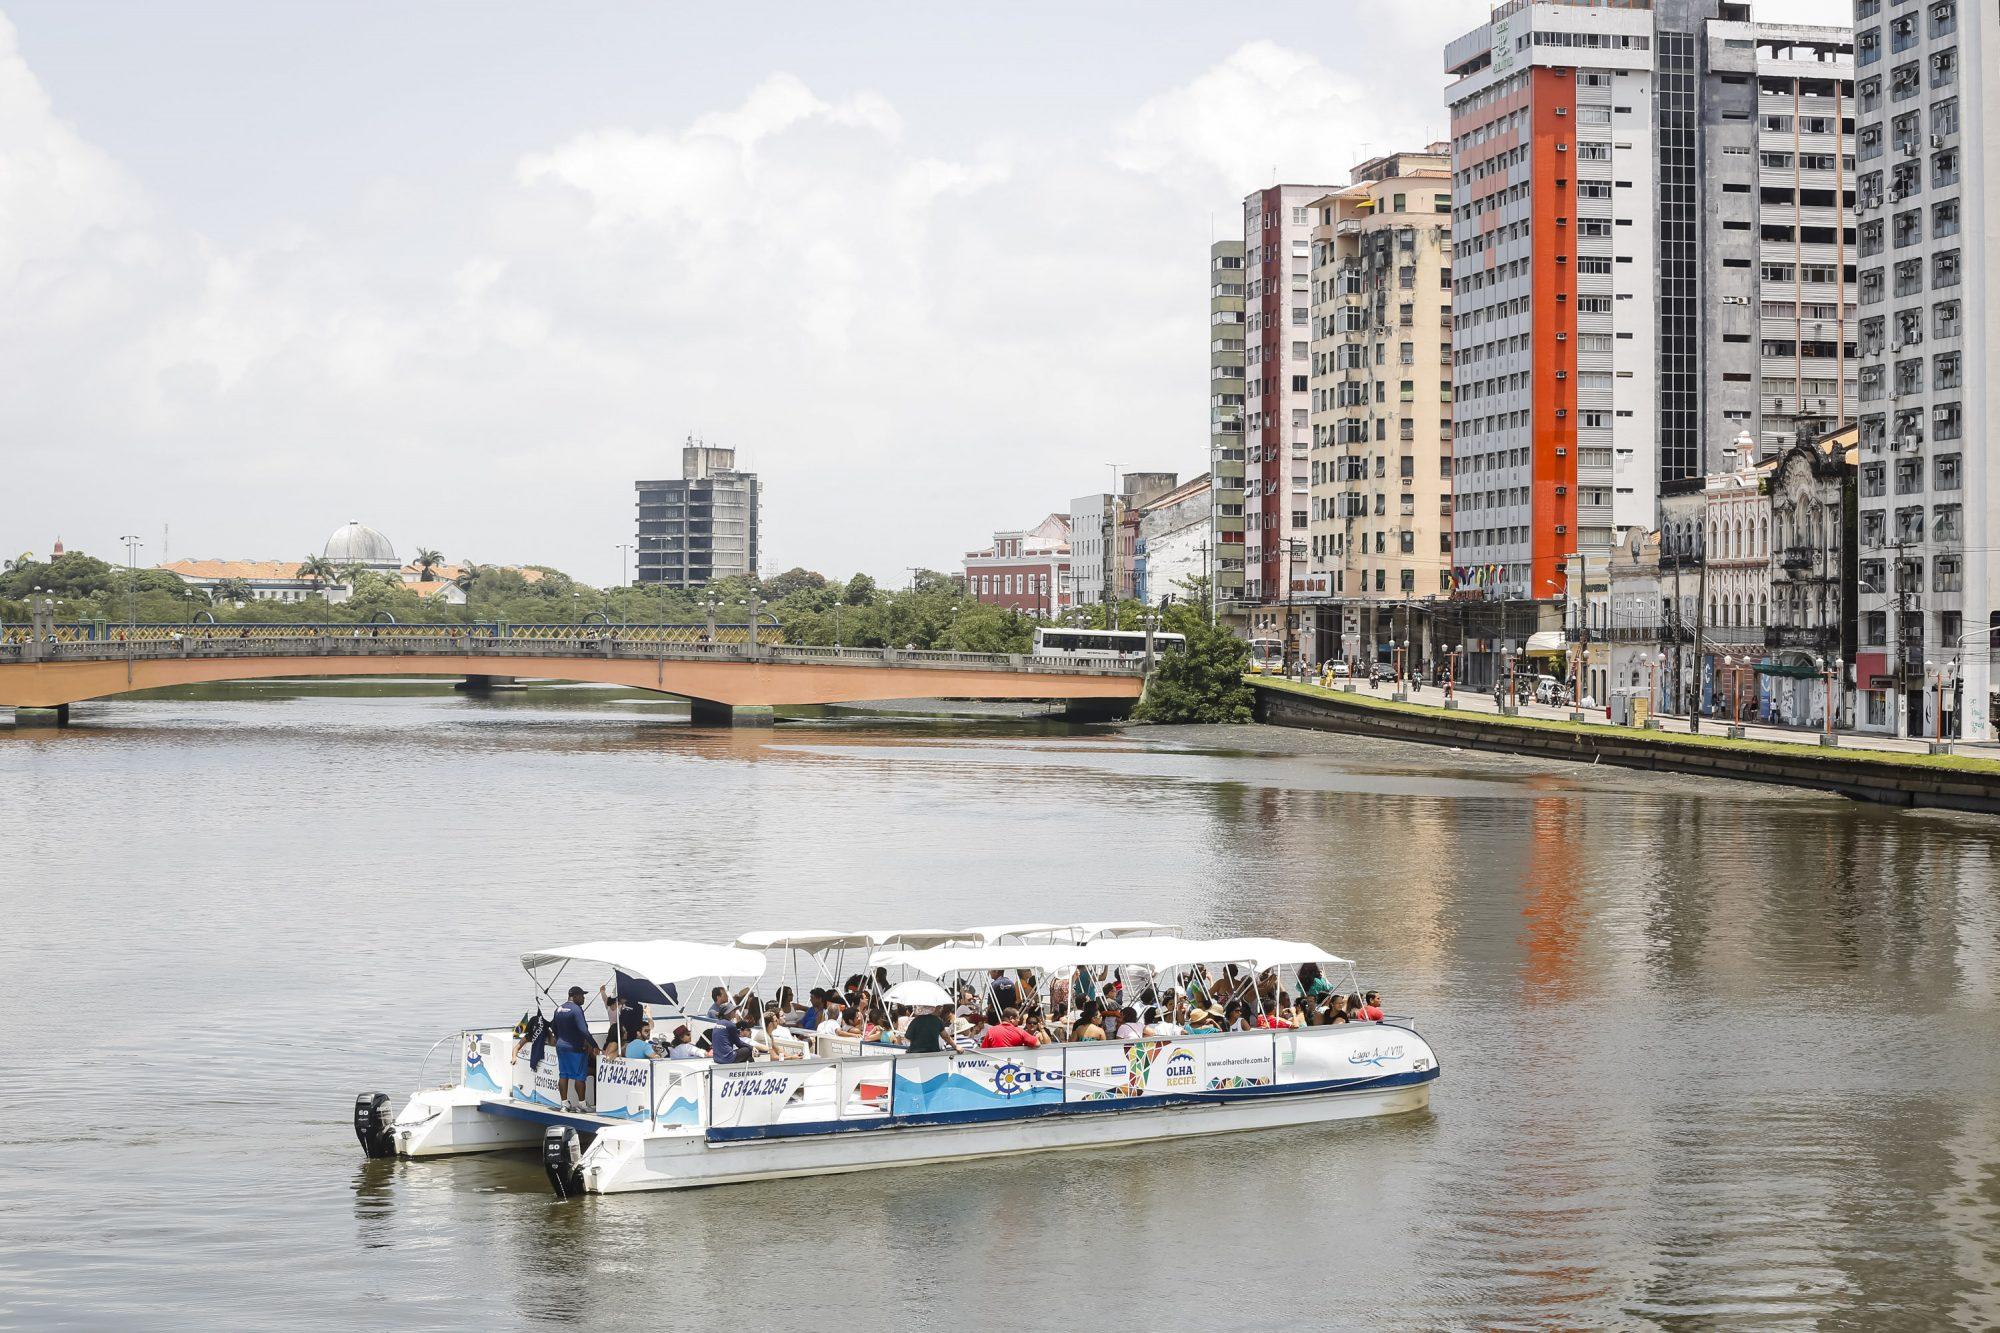 Bora Pernambucar destaca o Olha! Recife dentro da série Caso de Sucesso